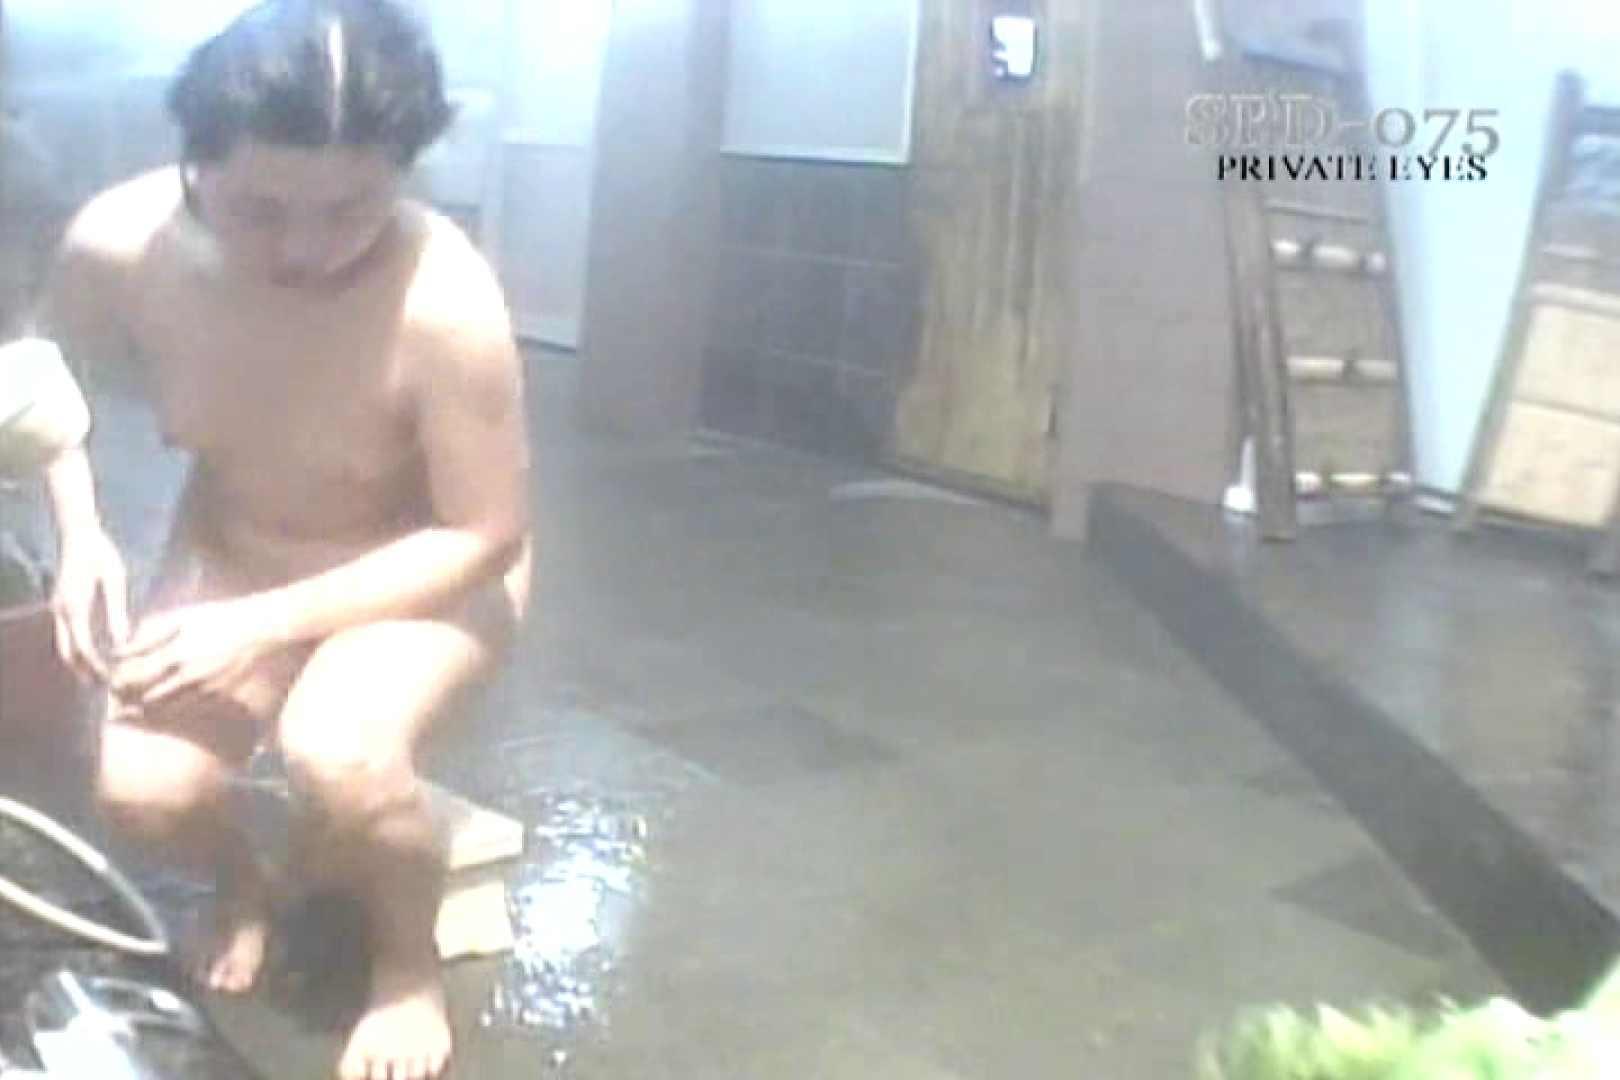 高画質版!SPD-075 脱衣所から洗面所まで 9カメ追跡盗撮 名作 エロ画像 45連発 34